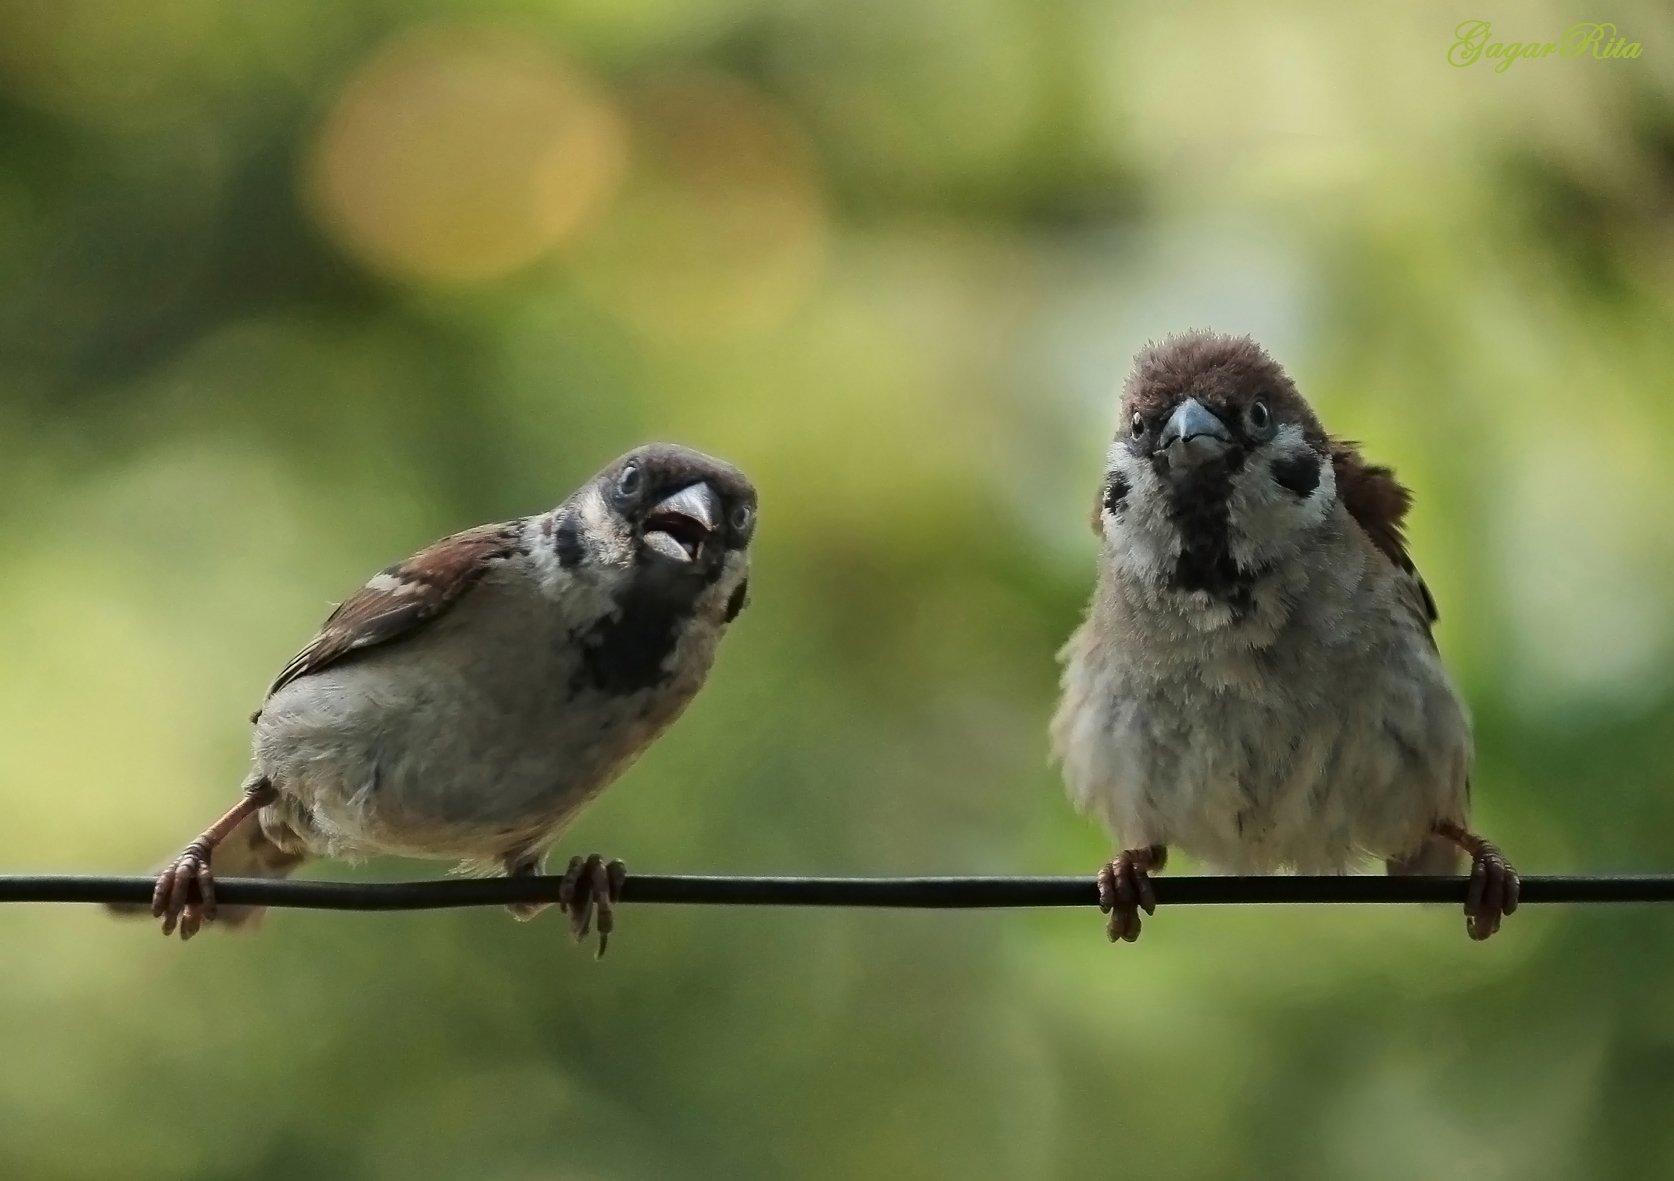 воробьи, птицы, животные, Rita Gadar